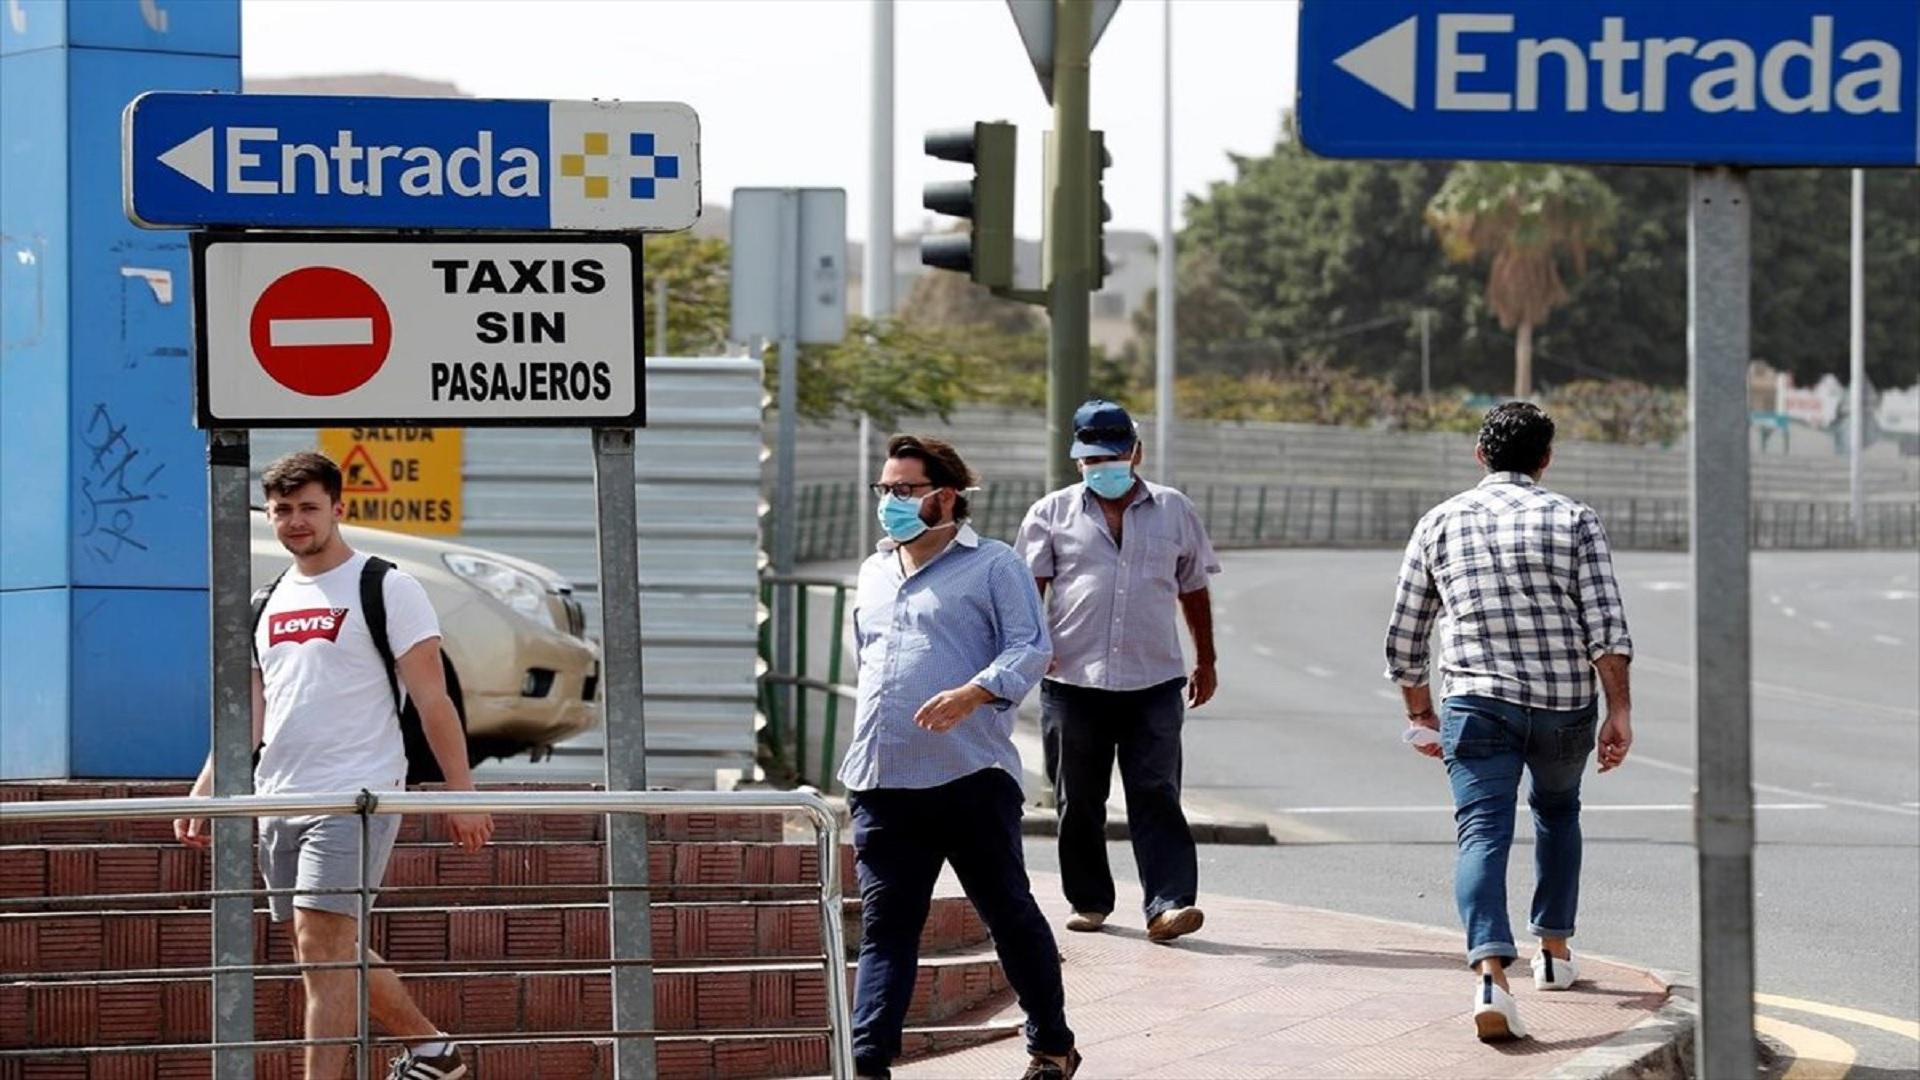 'Θύμα' του κοροναϊού και οι οίκοι ανοχής στην Ισπανία